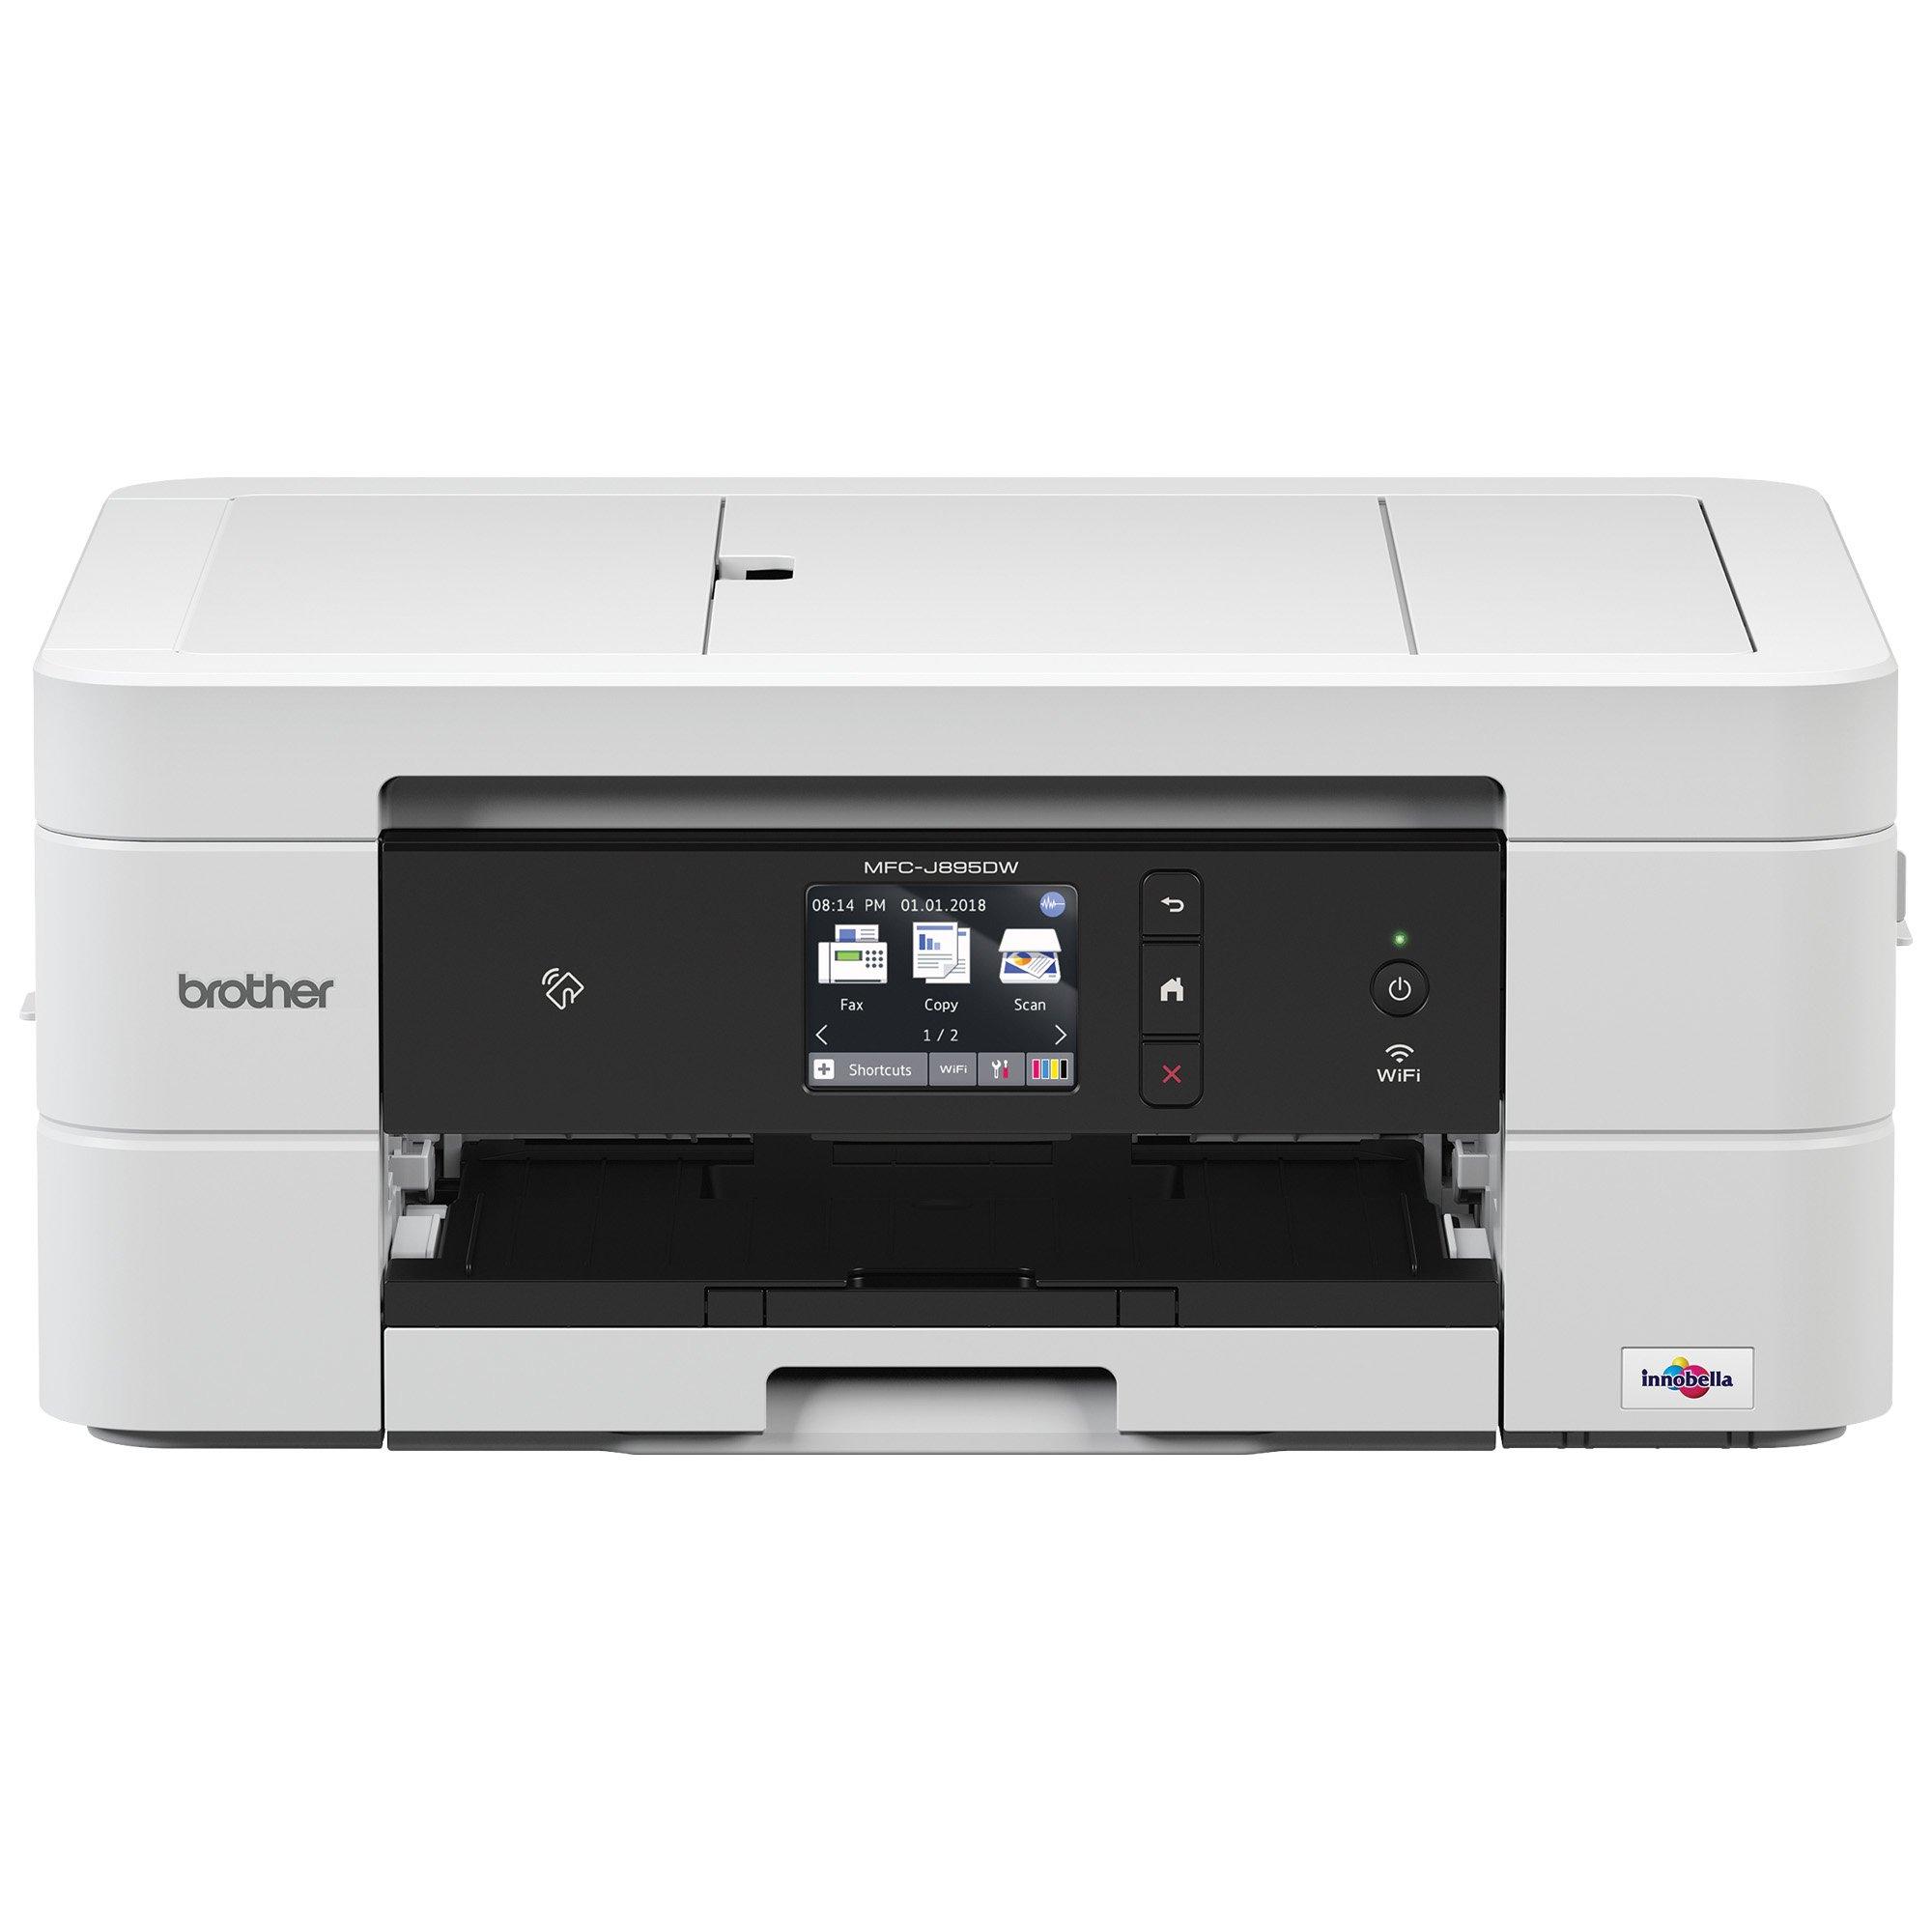 Brother Mfc J895dw Colour Inkjet Printer Buy Online In Cayman Islands At Desertcart